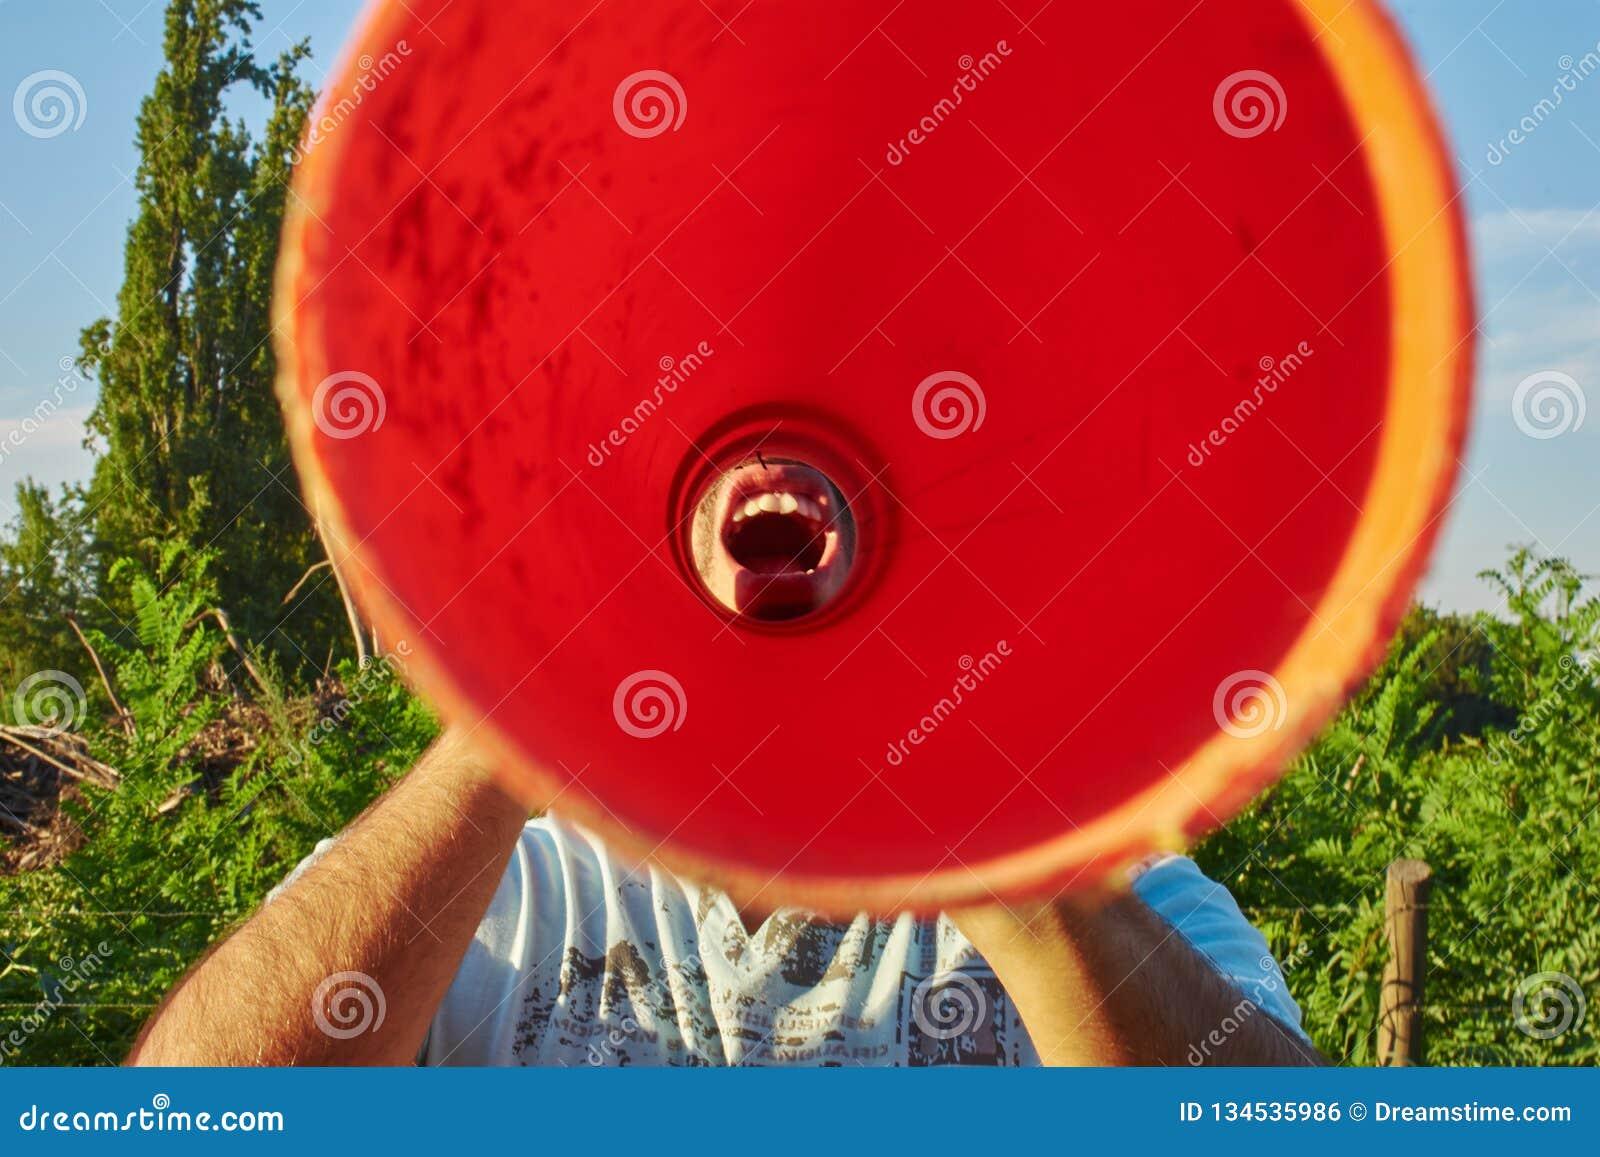 Gritaria do homem através de um tubo alaranjado